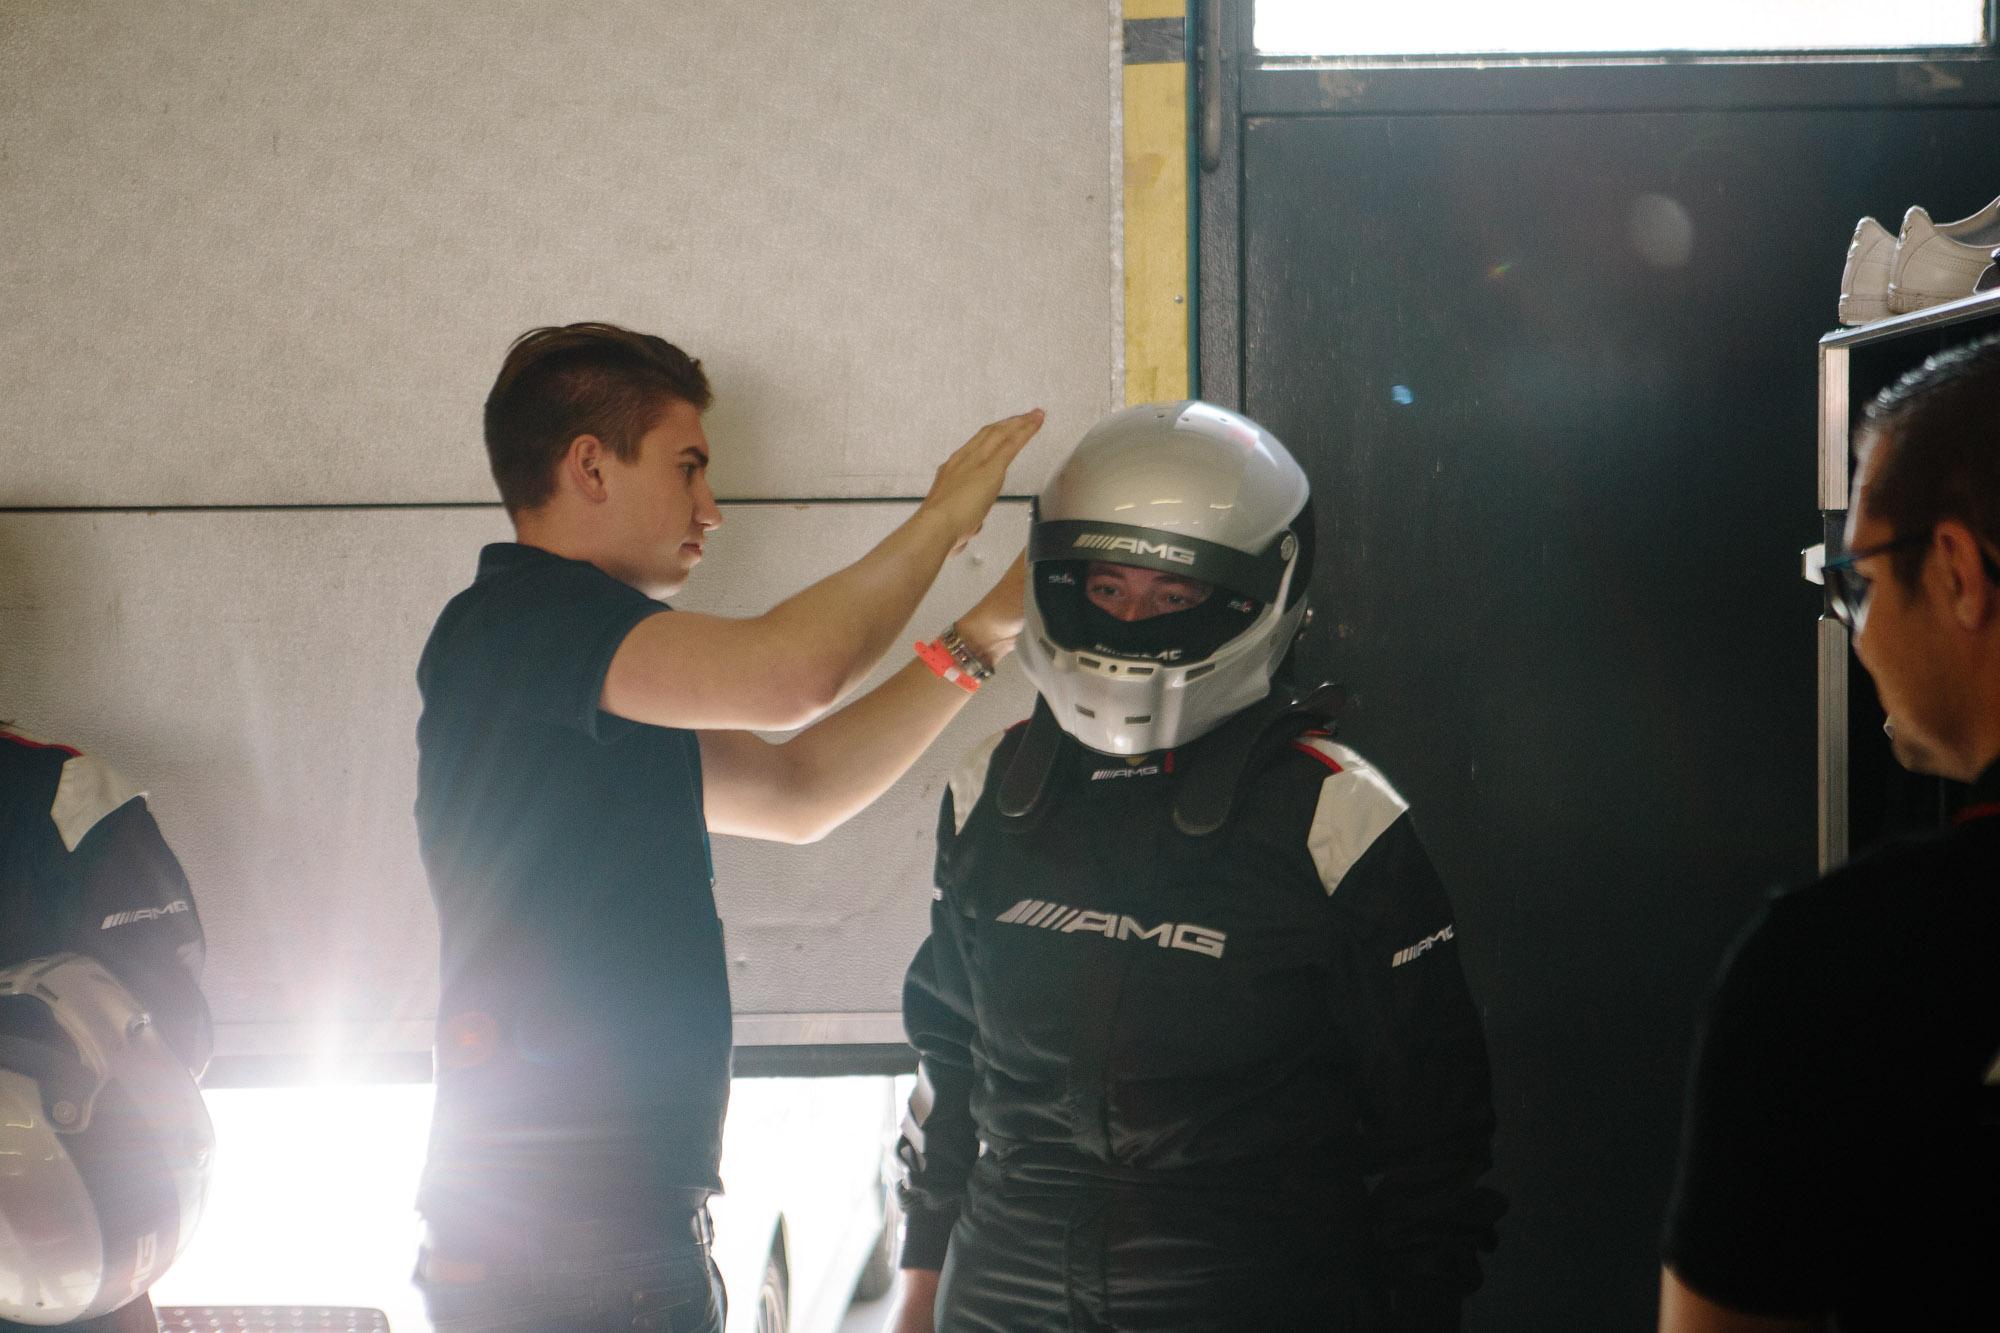 Gamma-Racing-Days-@maximkuijper (7 van 29).jpg